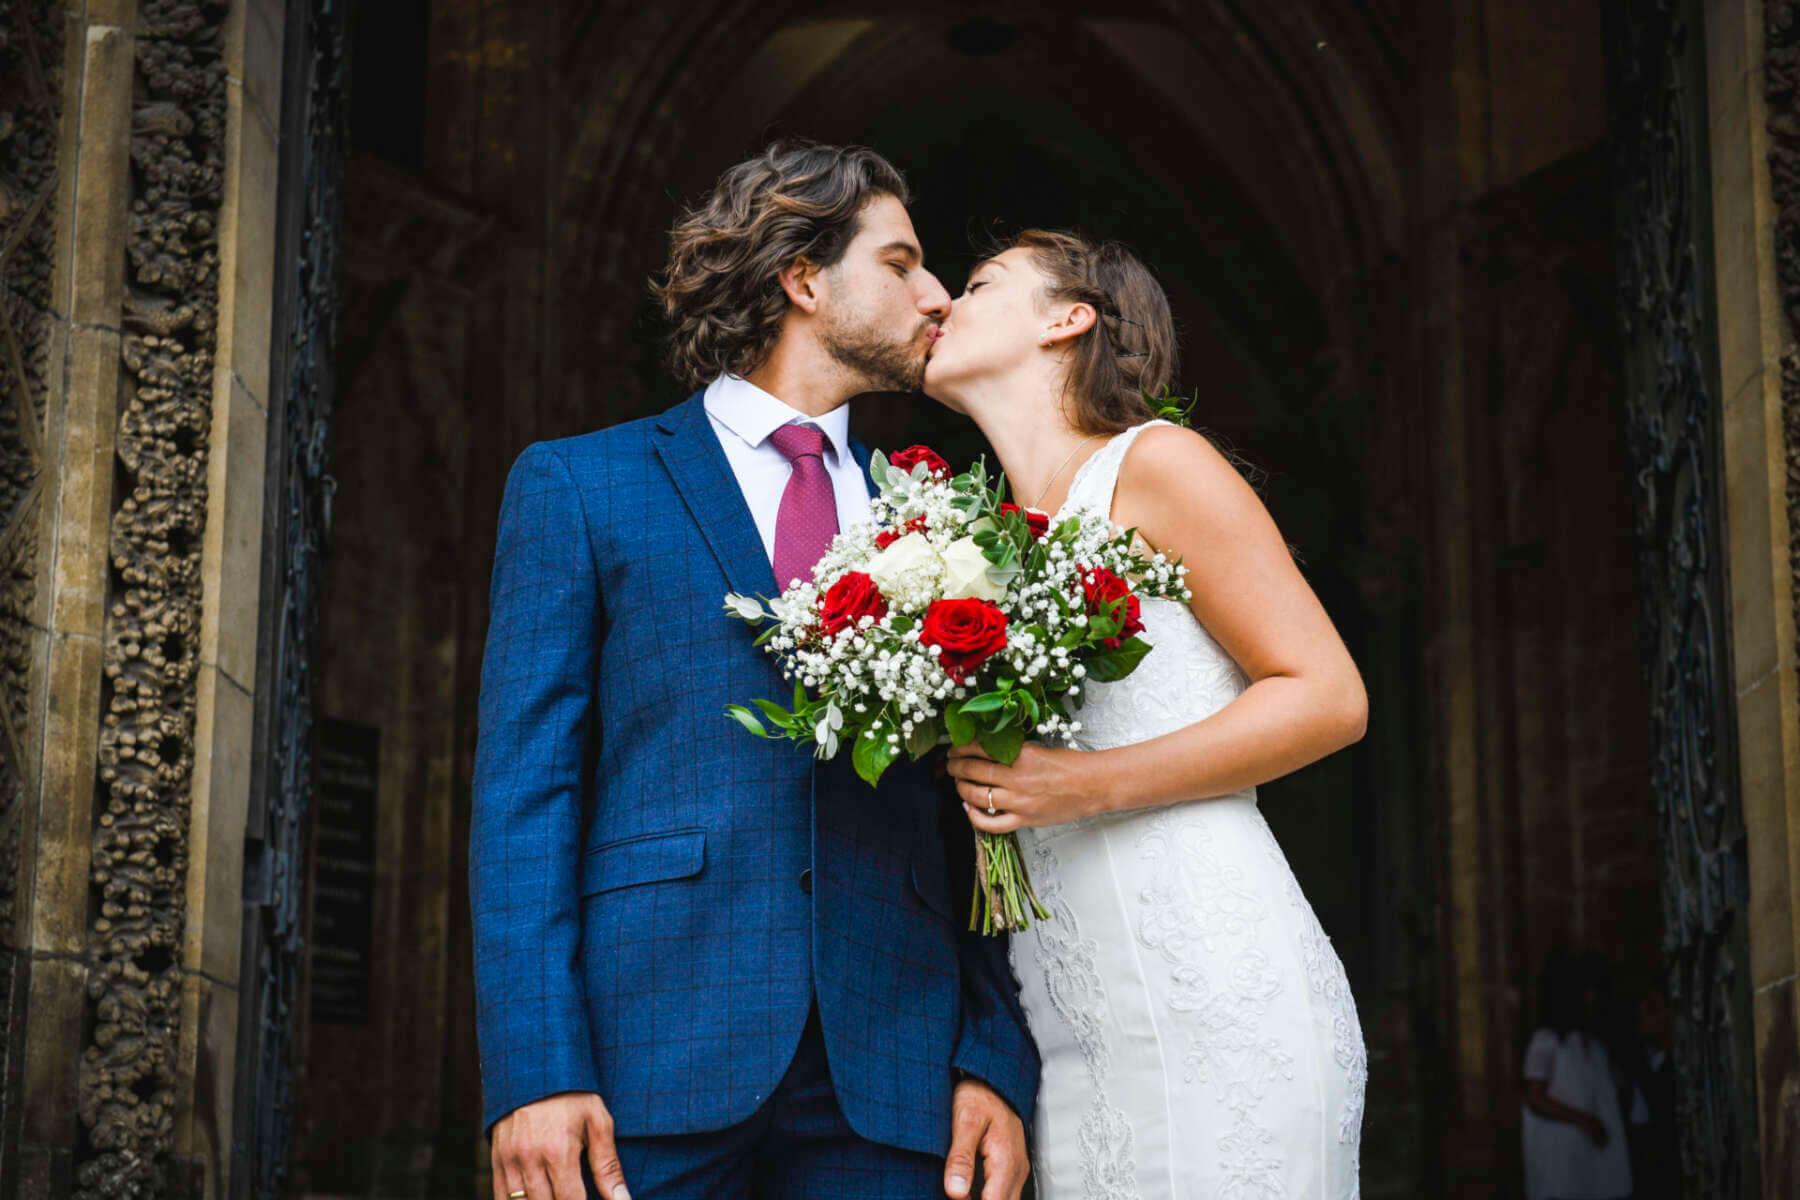 ile włożyć do koperty na wesele - Ile włożyć do koperty na wesele? Ile powinno być w kopercie ślubnej?